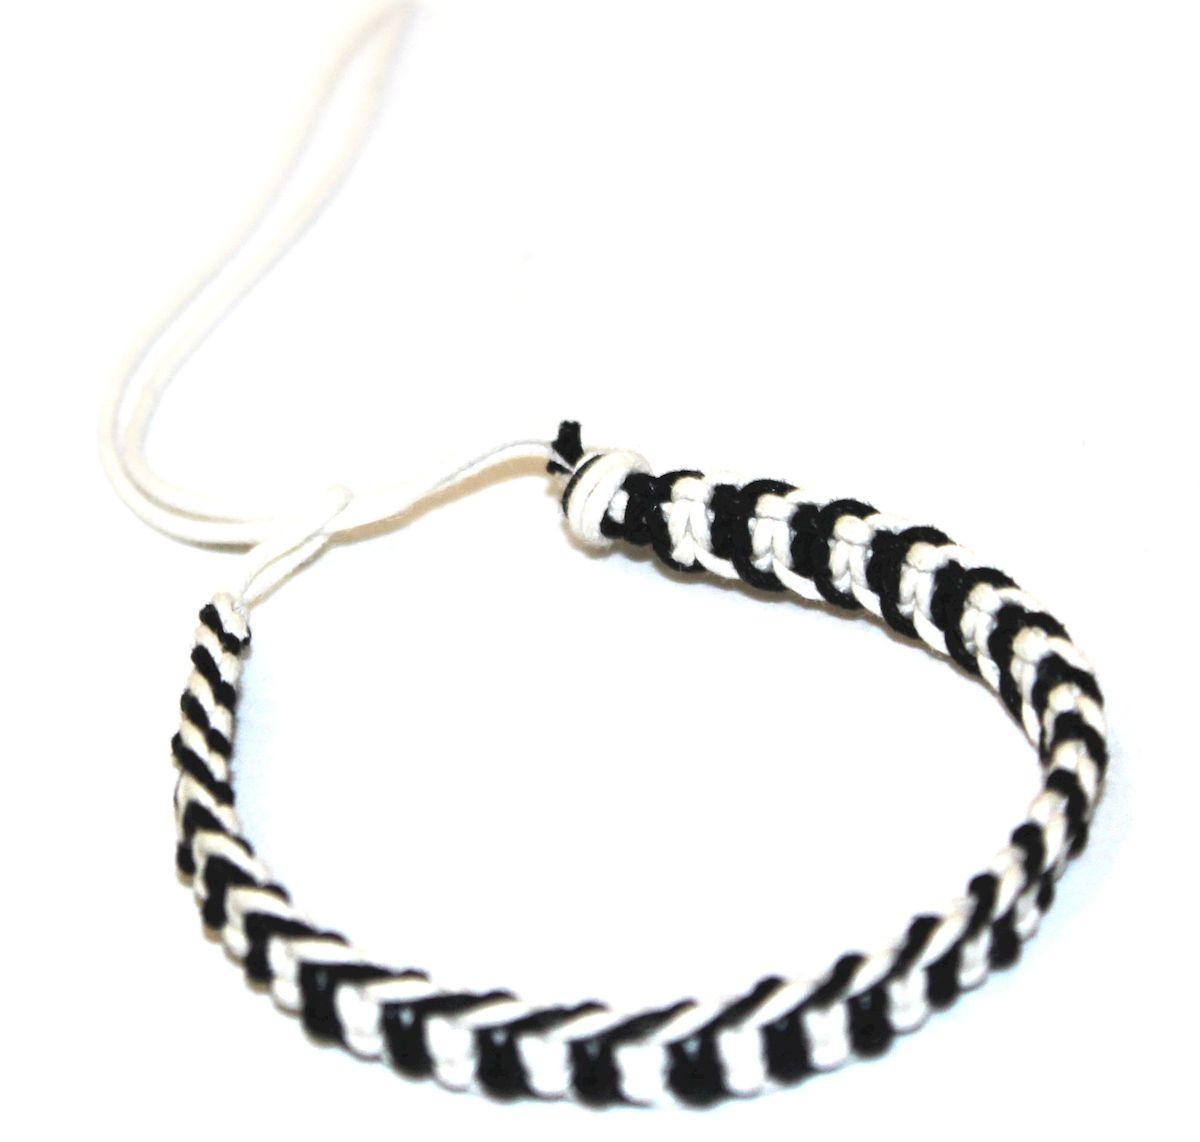 Браслет-фенечка Ethnica, цвет: черно-белый. 337012337012-черно-белыйОригинальный браслет-фенечка Ethnica выполнен из разноцветных нитей. Браслет регулируется по размеру при помощи скользящего замка.